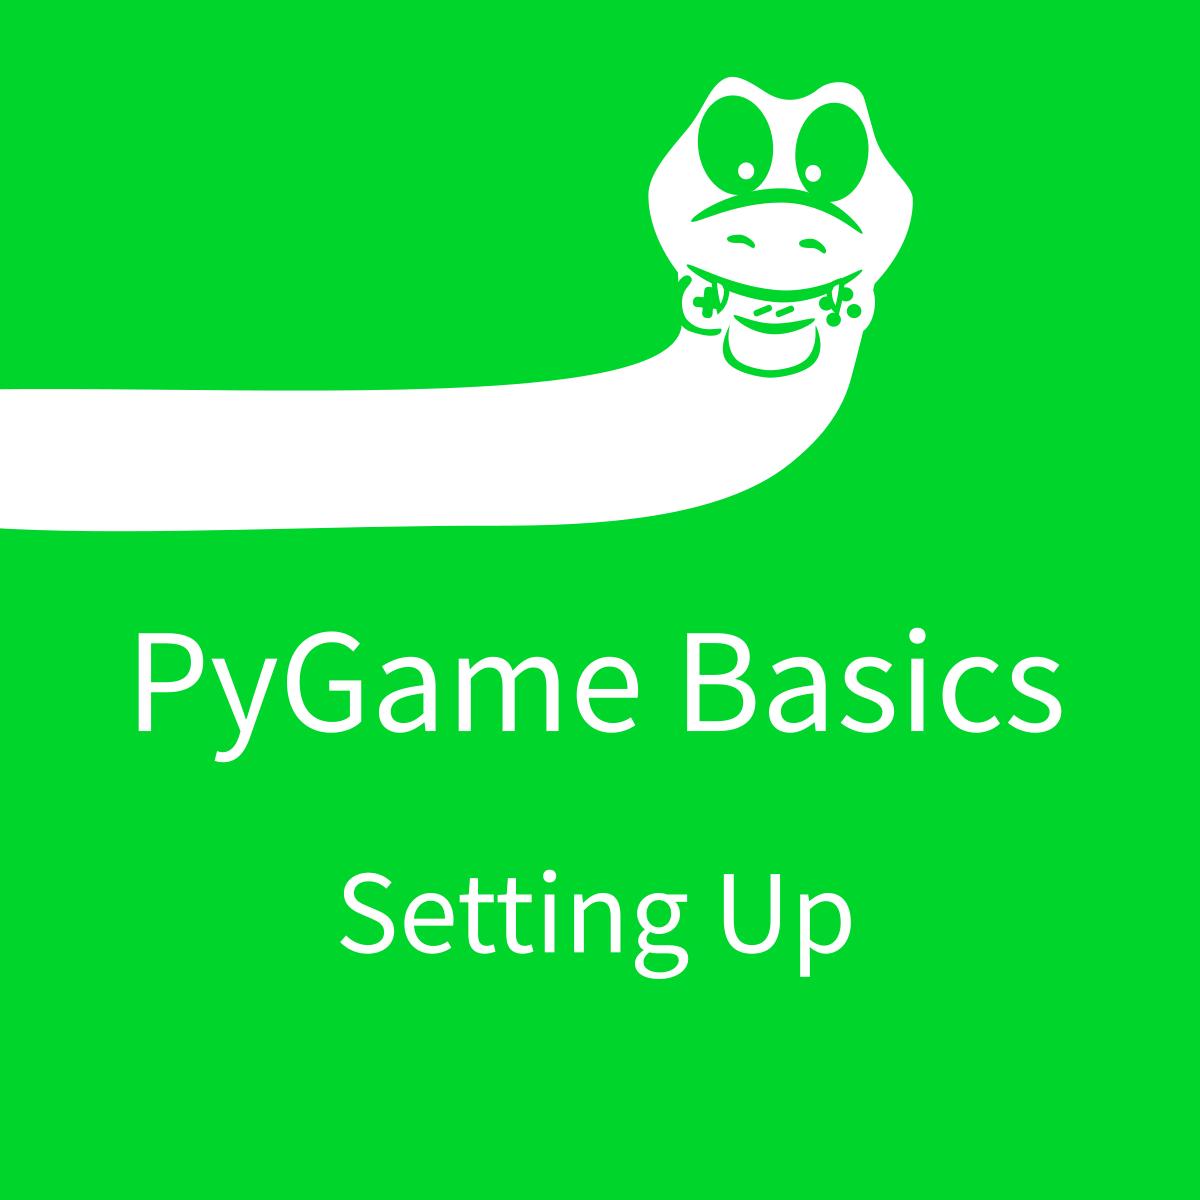 PyGame Basics: How to Setup PyGame